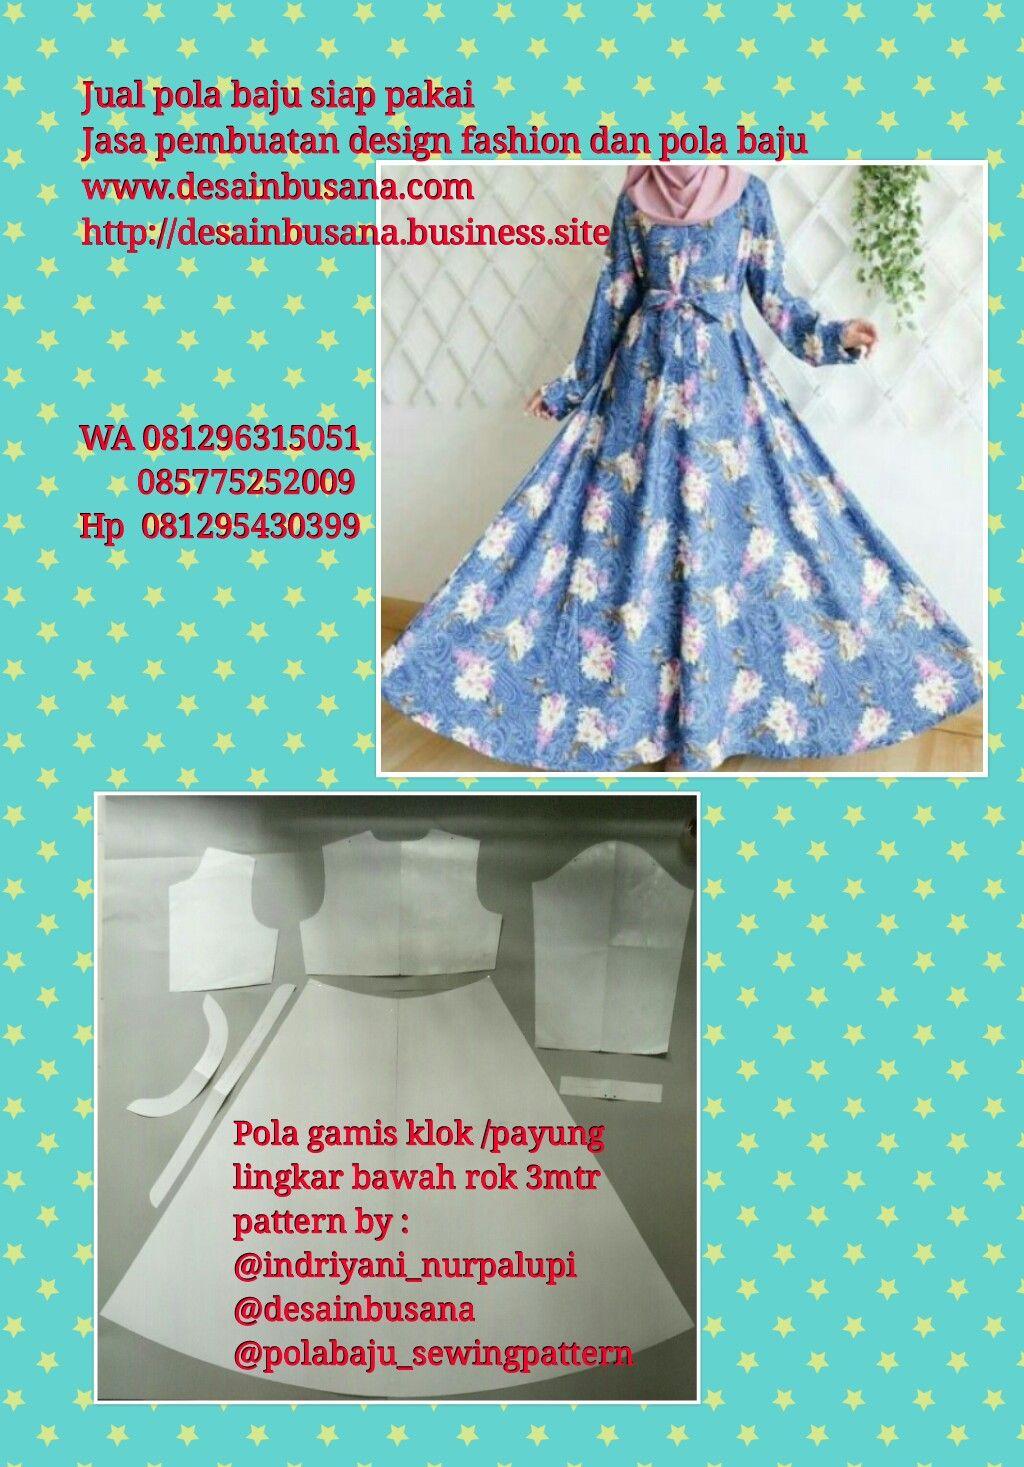 Jual pola gamis klok / payung ..www.desainbusana.com  Payung